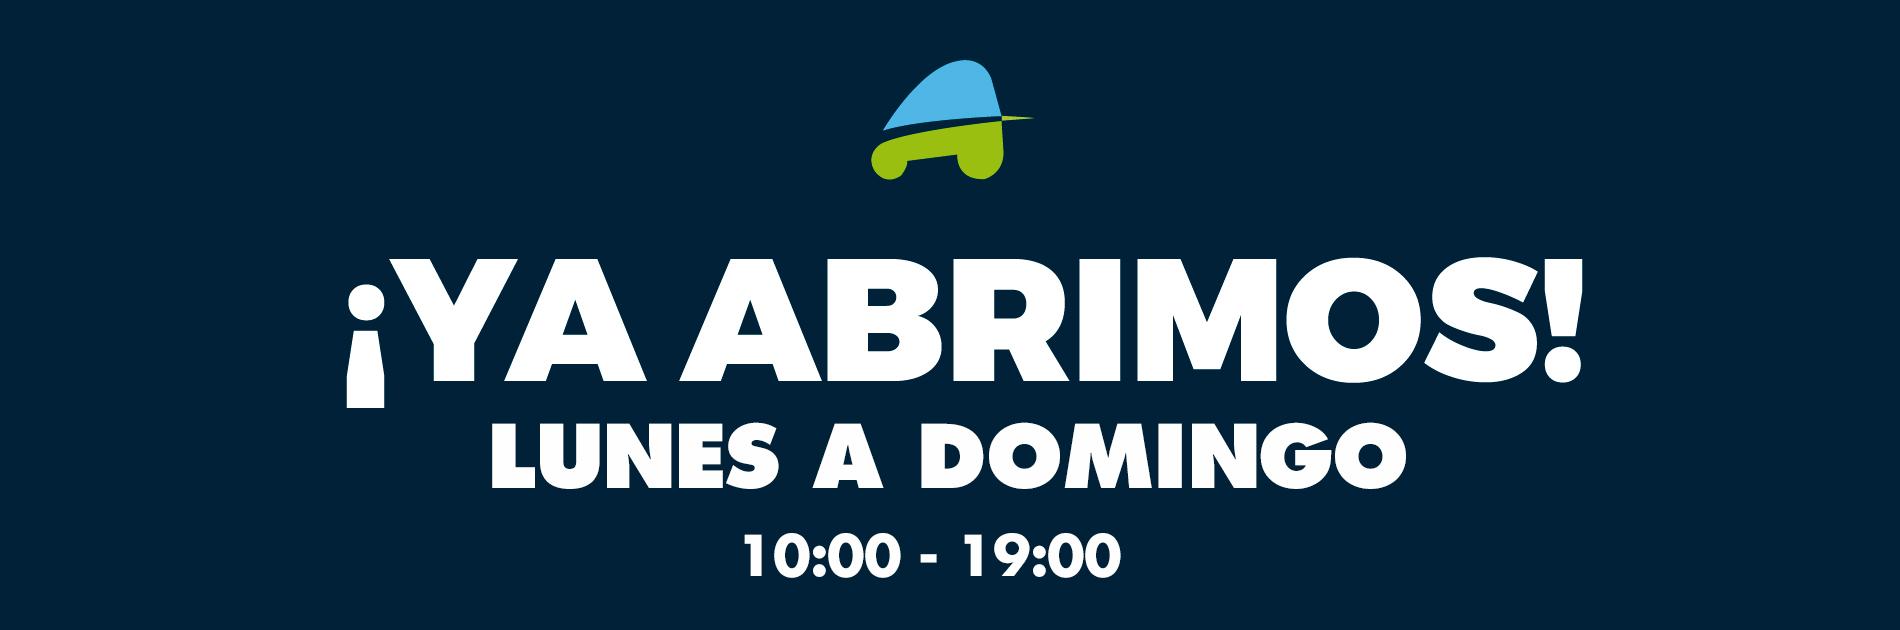 ABRIMOS